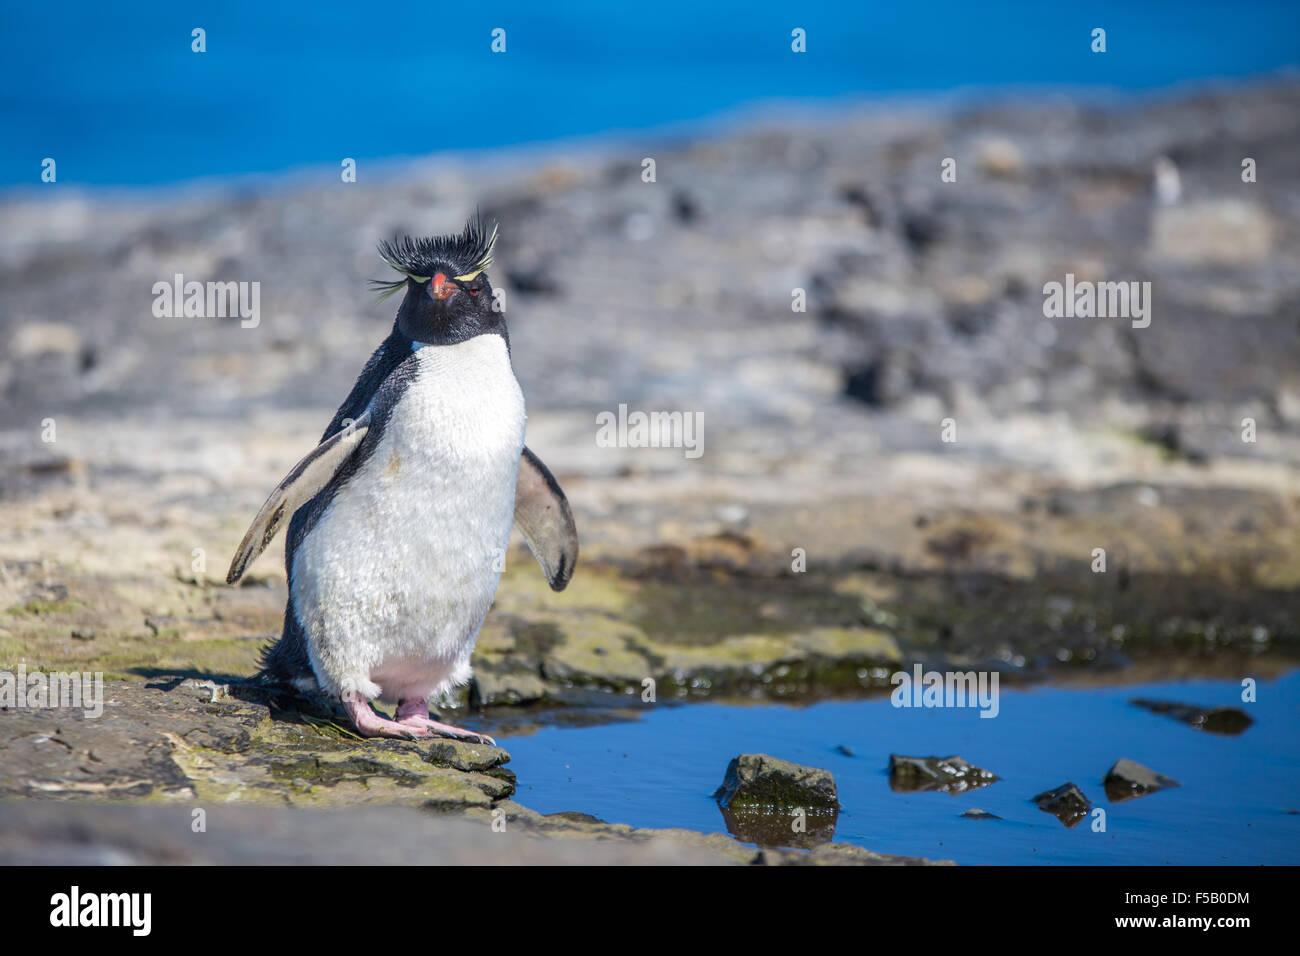 Rockhopper Penguin Eudyptes chrysocome par rock pool. L'île plus sombre, des îles Malouines Photo Stock